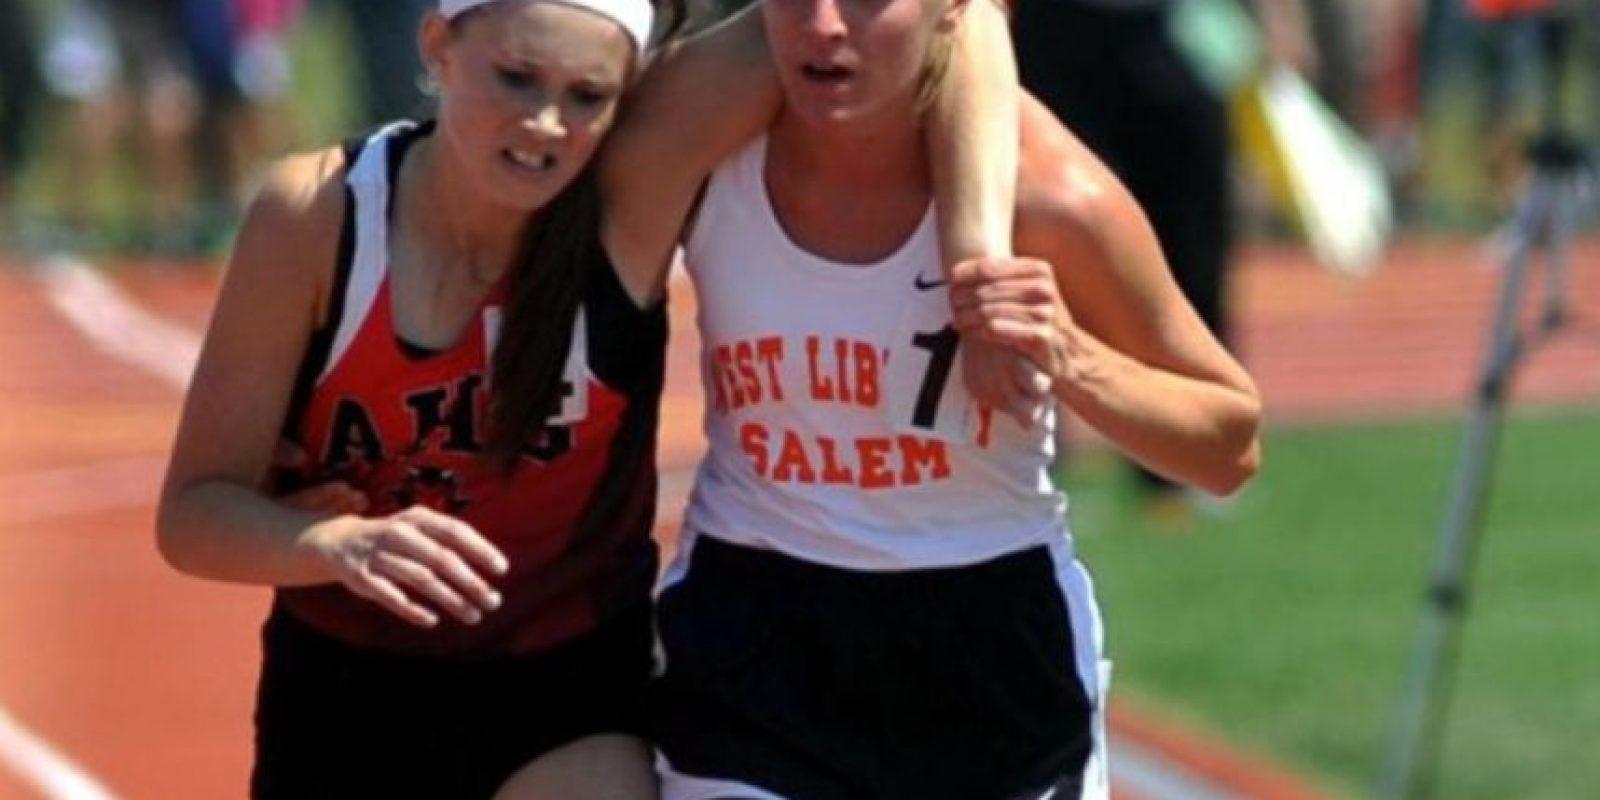 En Ohio, en 2007, esta atleta ayudó a otra a terminar su carrera Foto:AP